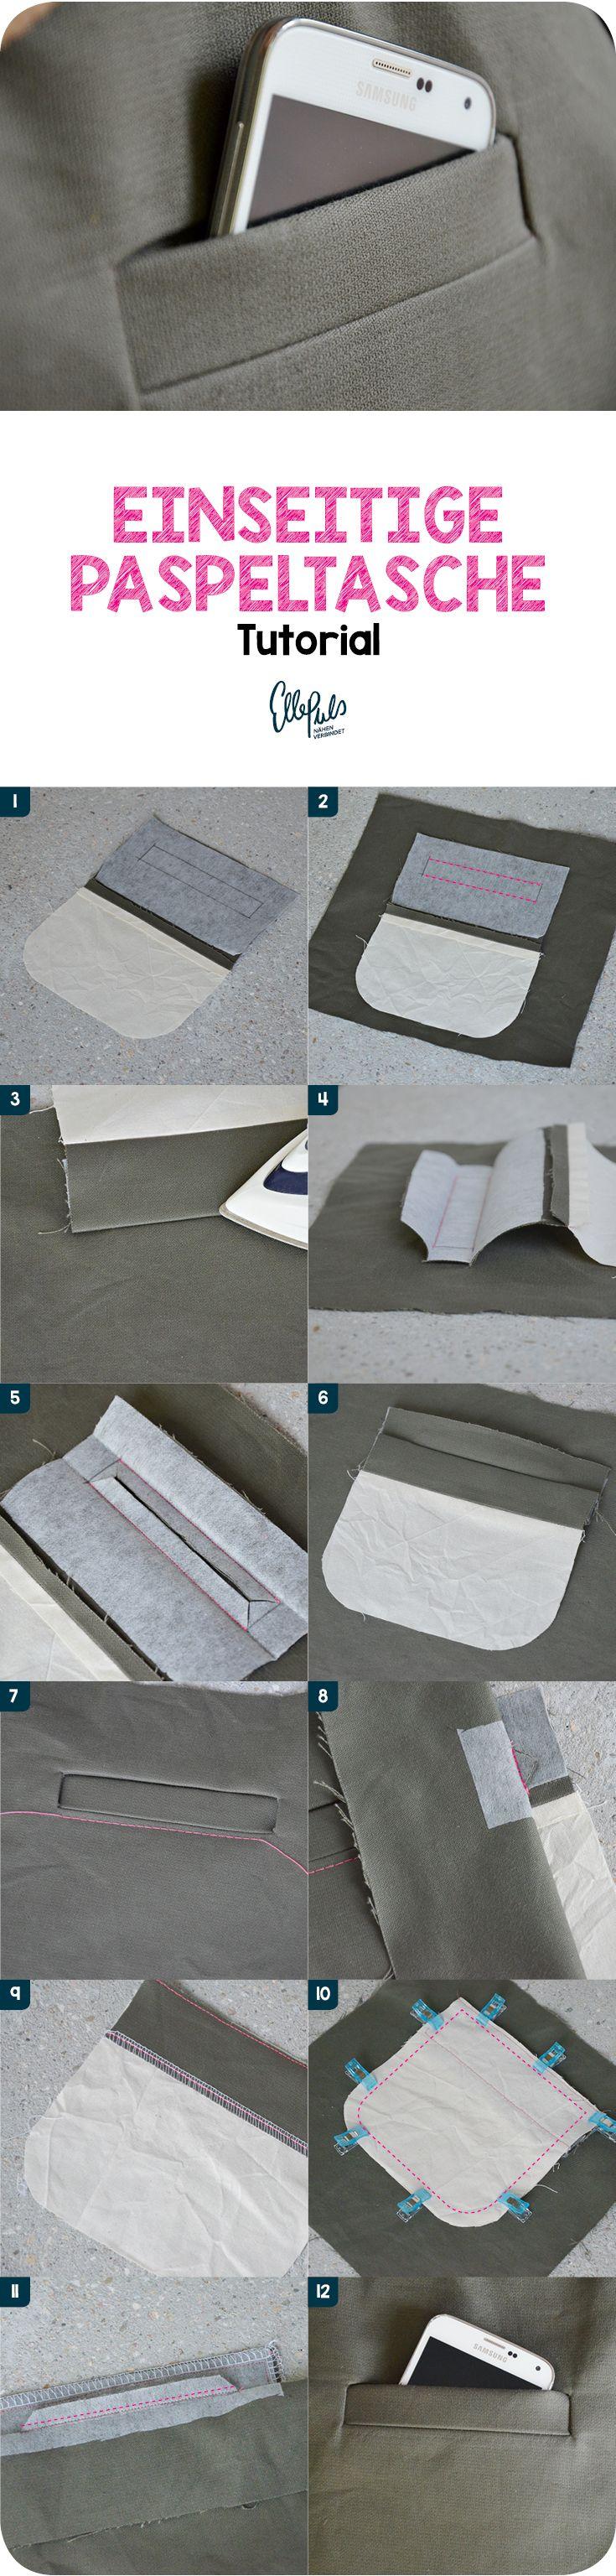 Lerne, wie du eine einseitige Paspeltasche nähen kannst um jedem Schnittmuster einen veränderten Look zu geben. Tutorial von ellepuls.com